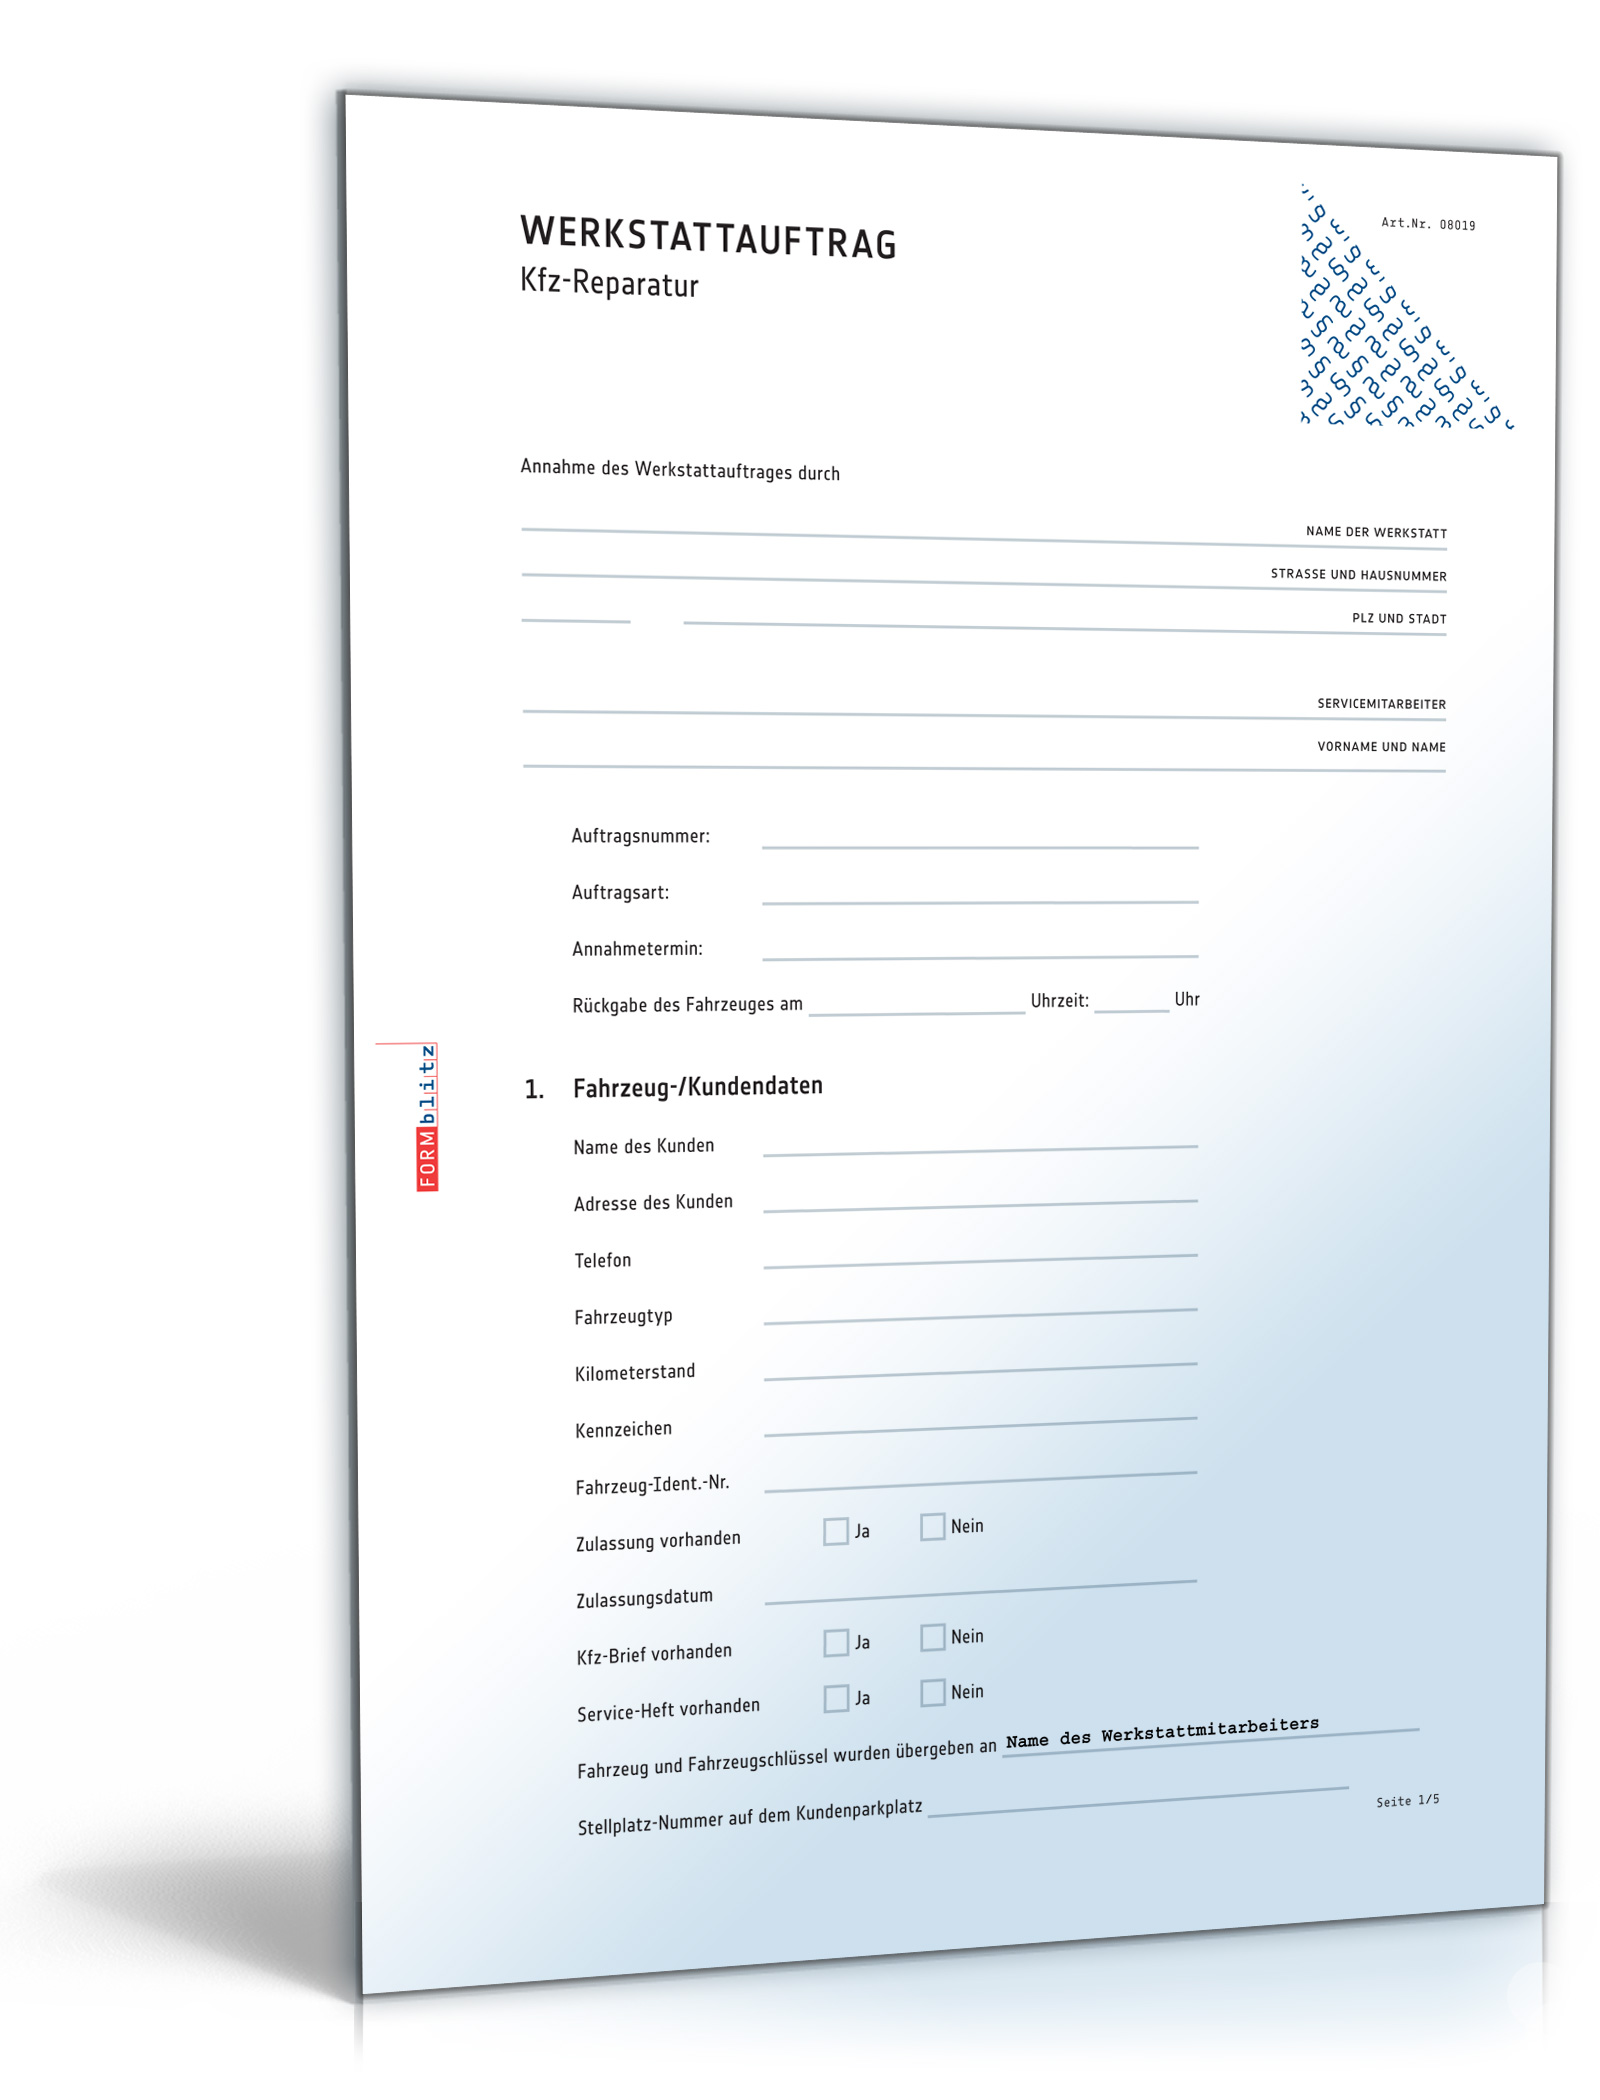 Werkstattauftrag Kfz-Reparatur [Download]